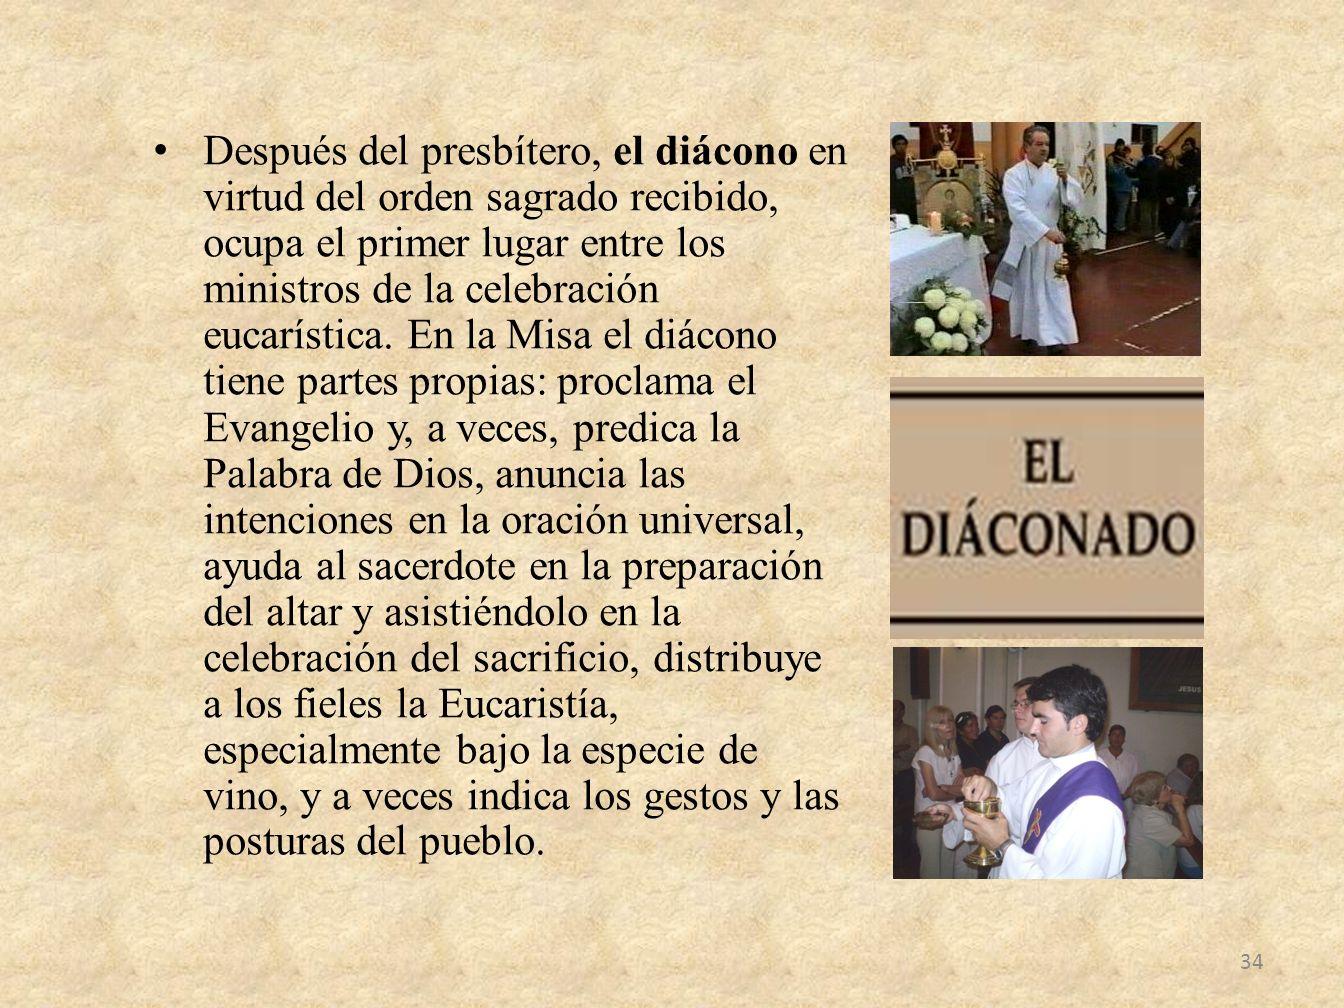 Después del presbítero, el diácono en virtud del orden sagrado recibido, ocupa el primer lugar entre los ministros de la celebración eucarística. En l